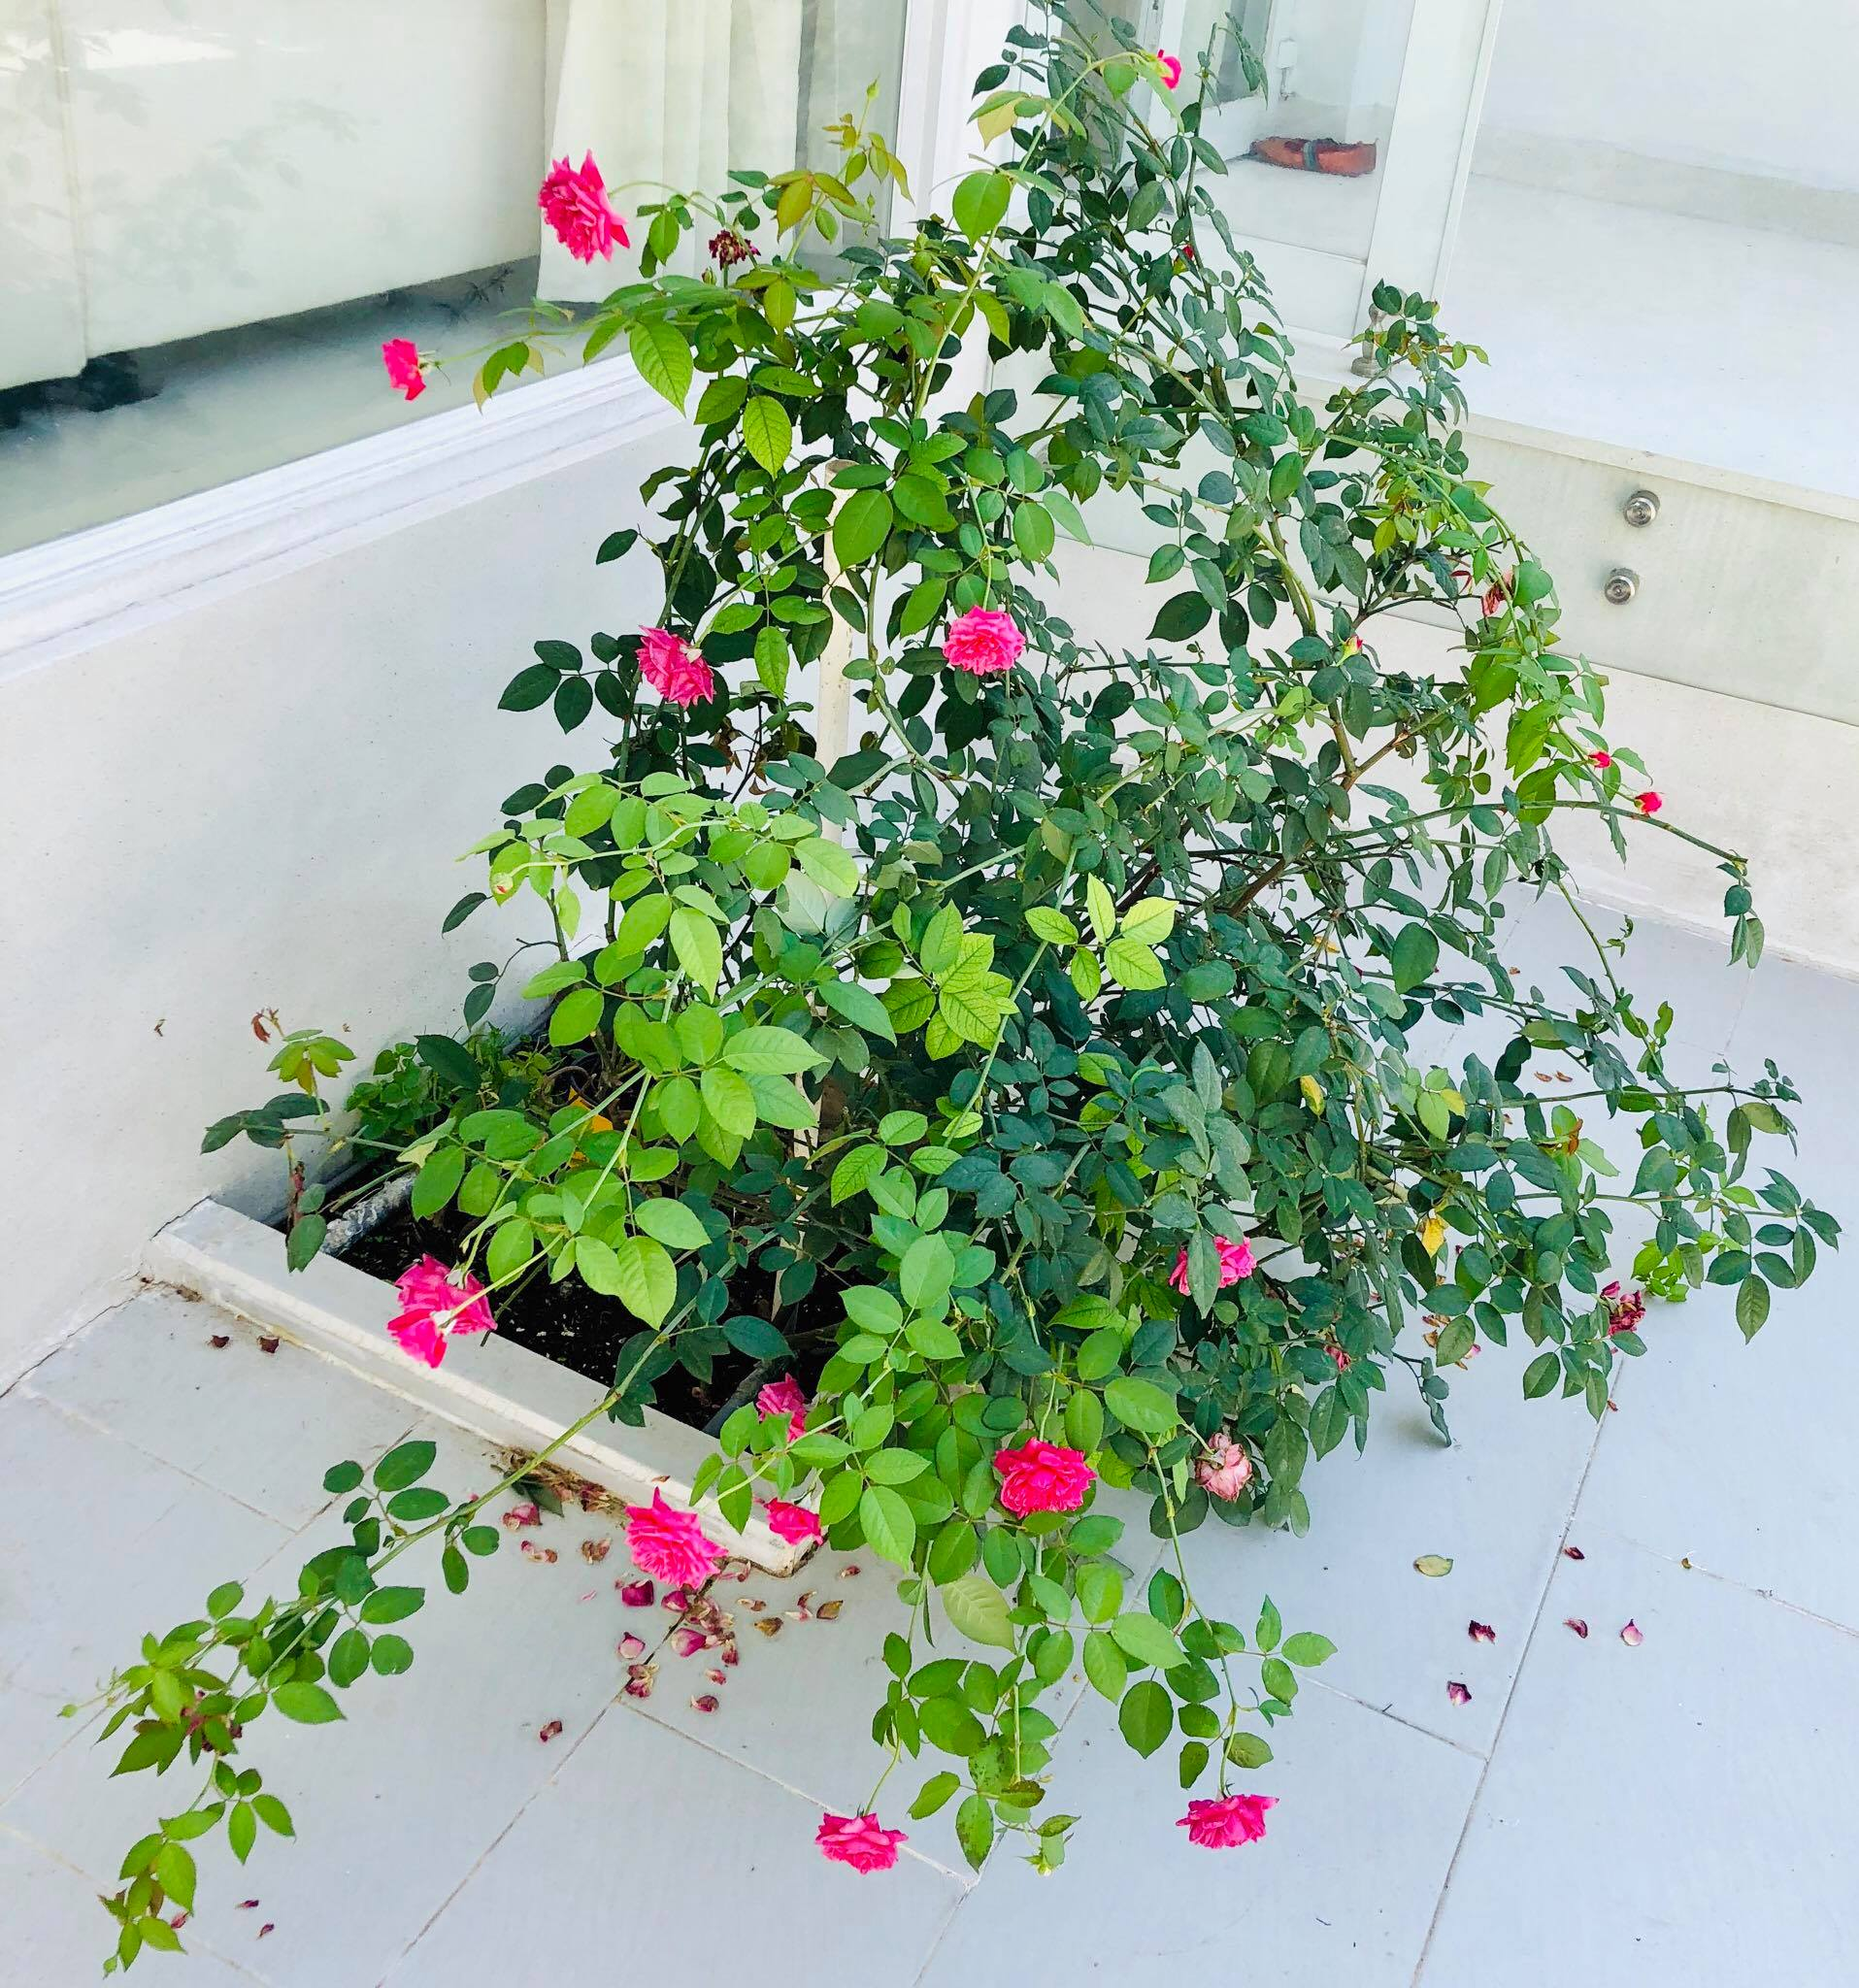 Ngắm vườn rau quả sạch tốt tươi, xanh mát trong biệt thự triệu đô của vợ chồng Thủy Tiên - Công Vinh - Ảnh 7.